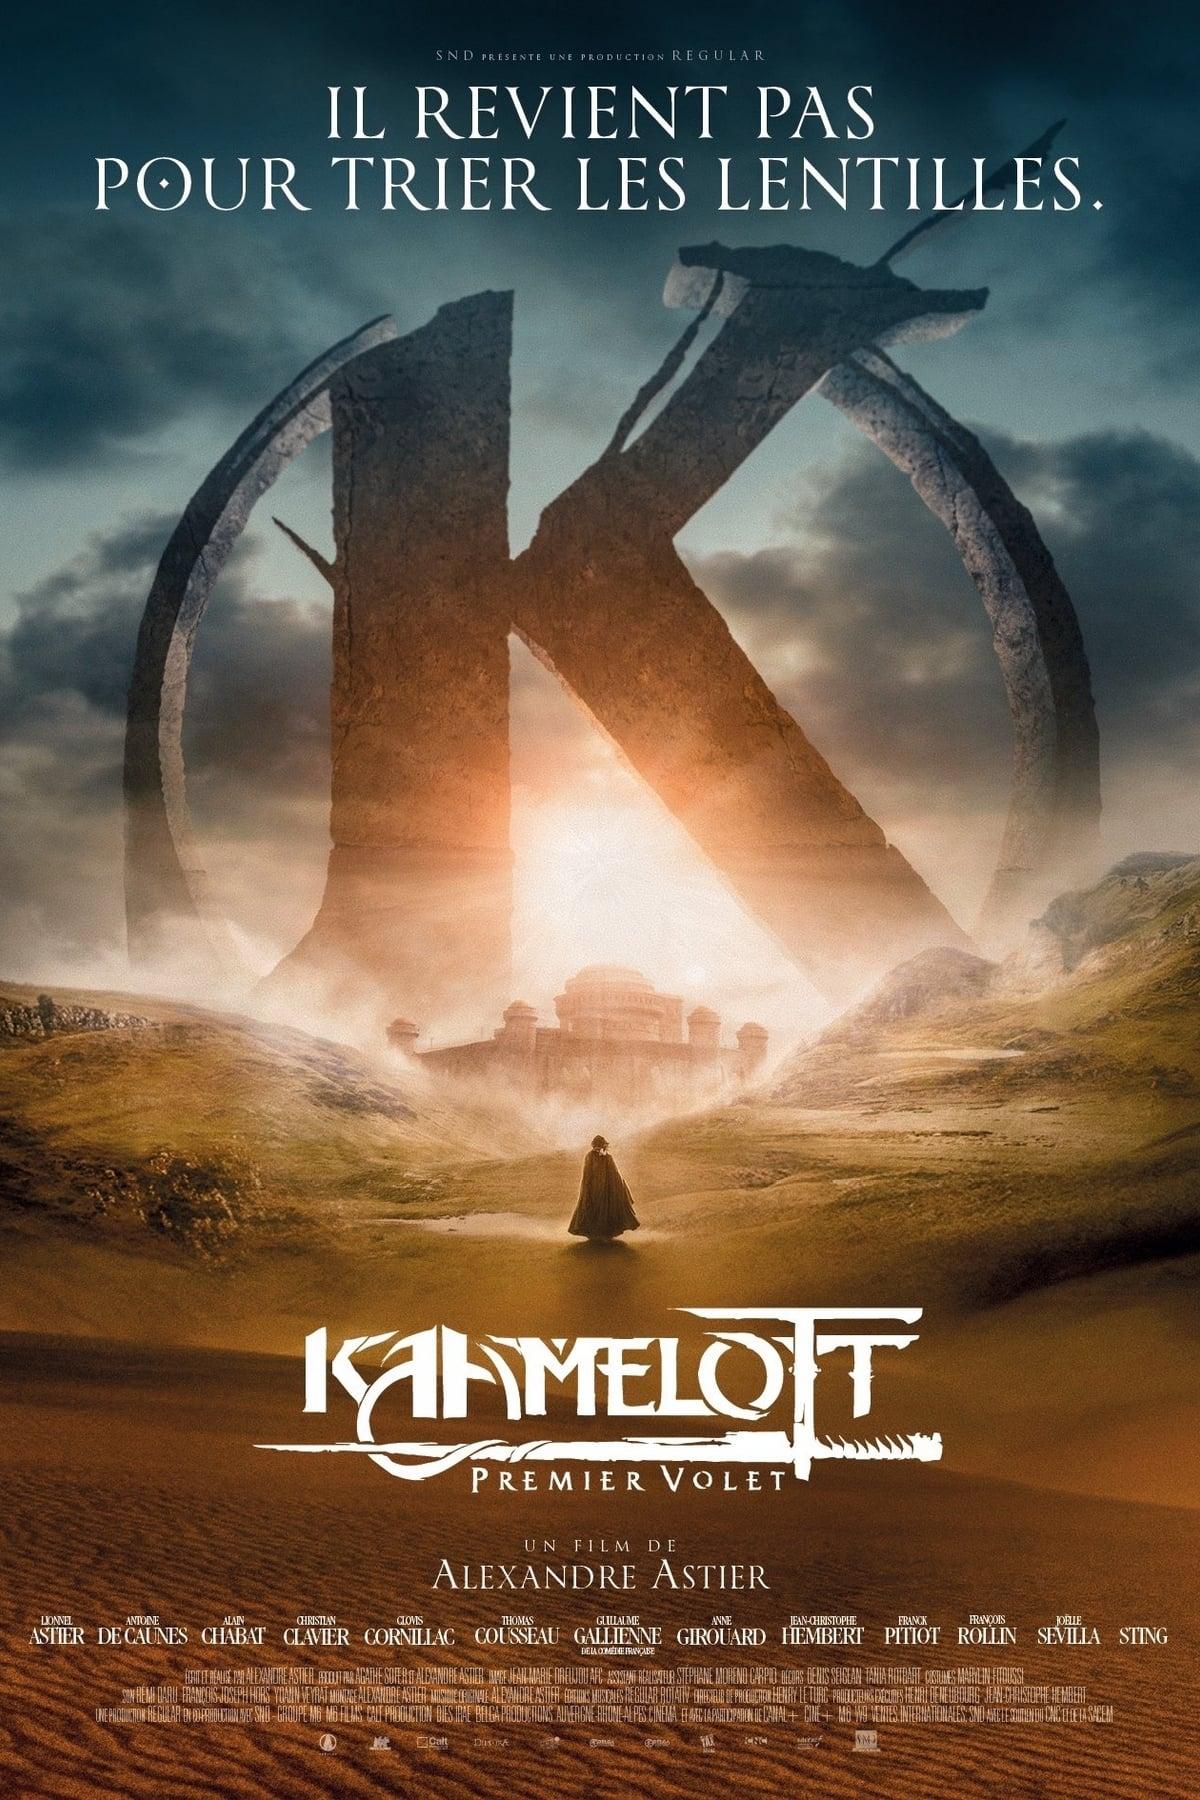 Kaamelott - The First Chapter